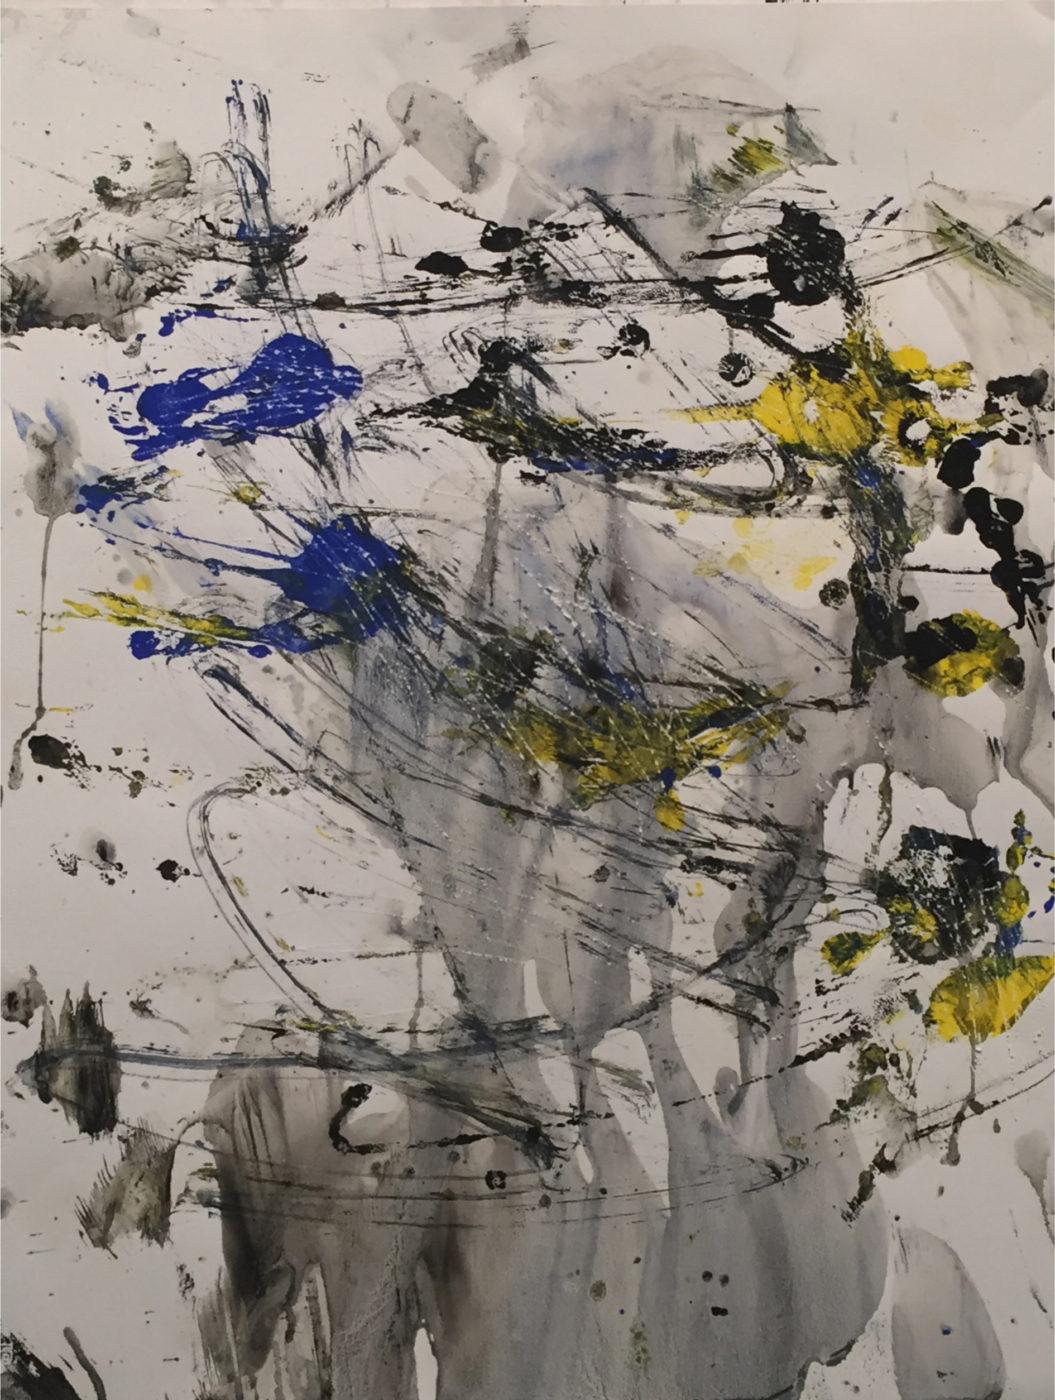 MARC FELD 2016 FEUILLAGE  Acrylique et mine de plomb sur papier 50 x 65 cm